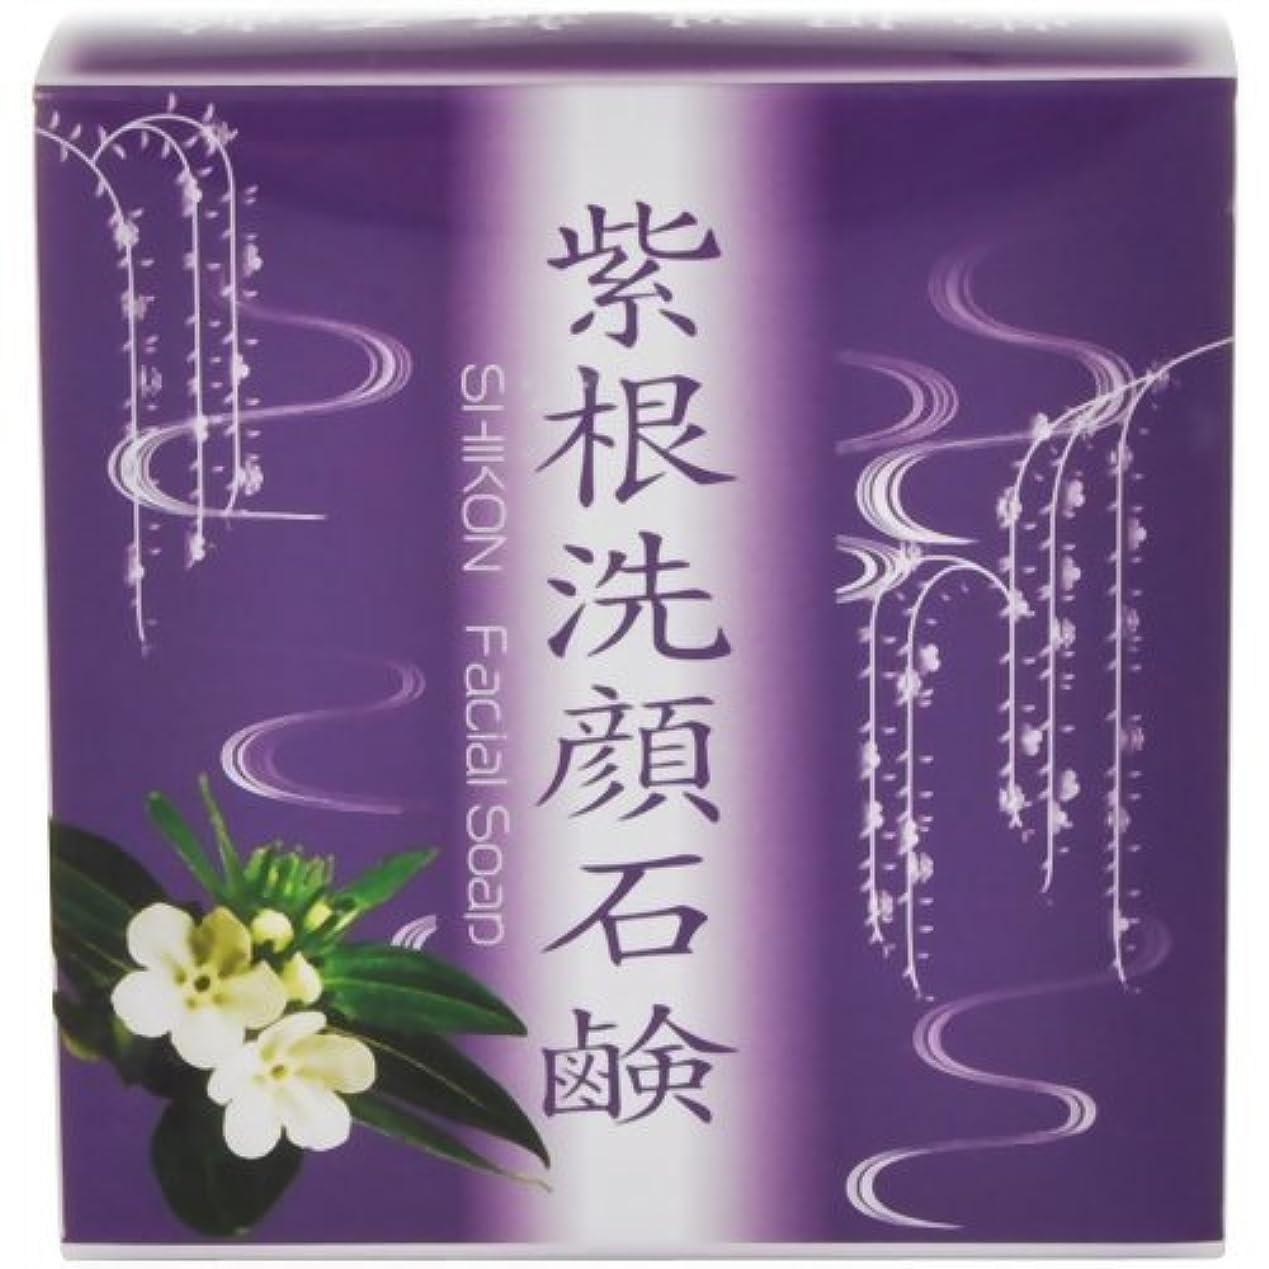 パウダー保持するエクスタシー紫根洗顔石鹸泡立てネット付き80g[ネット付き80g]